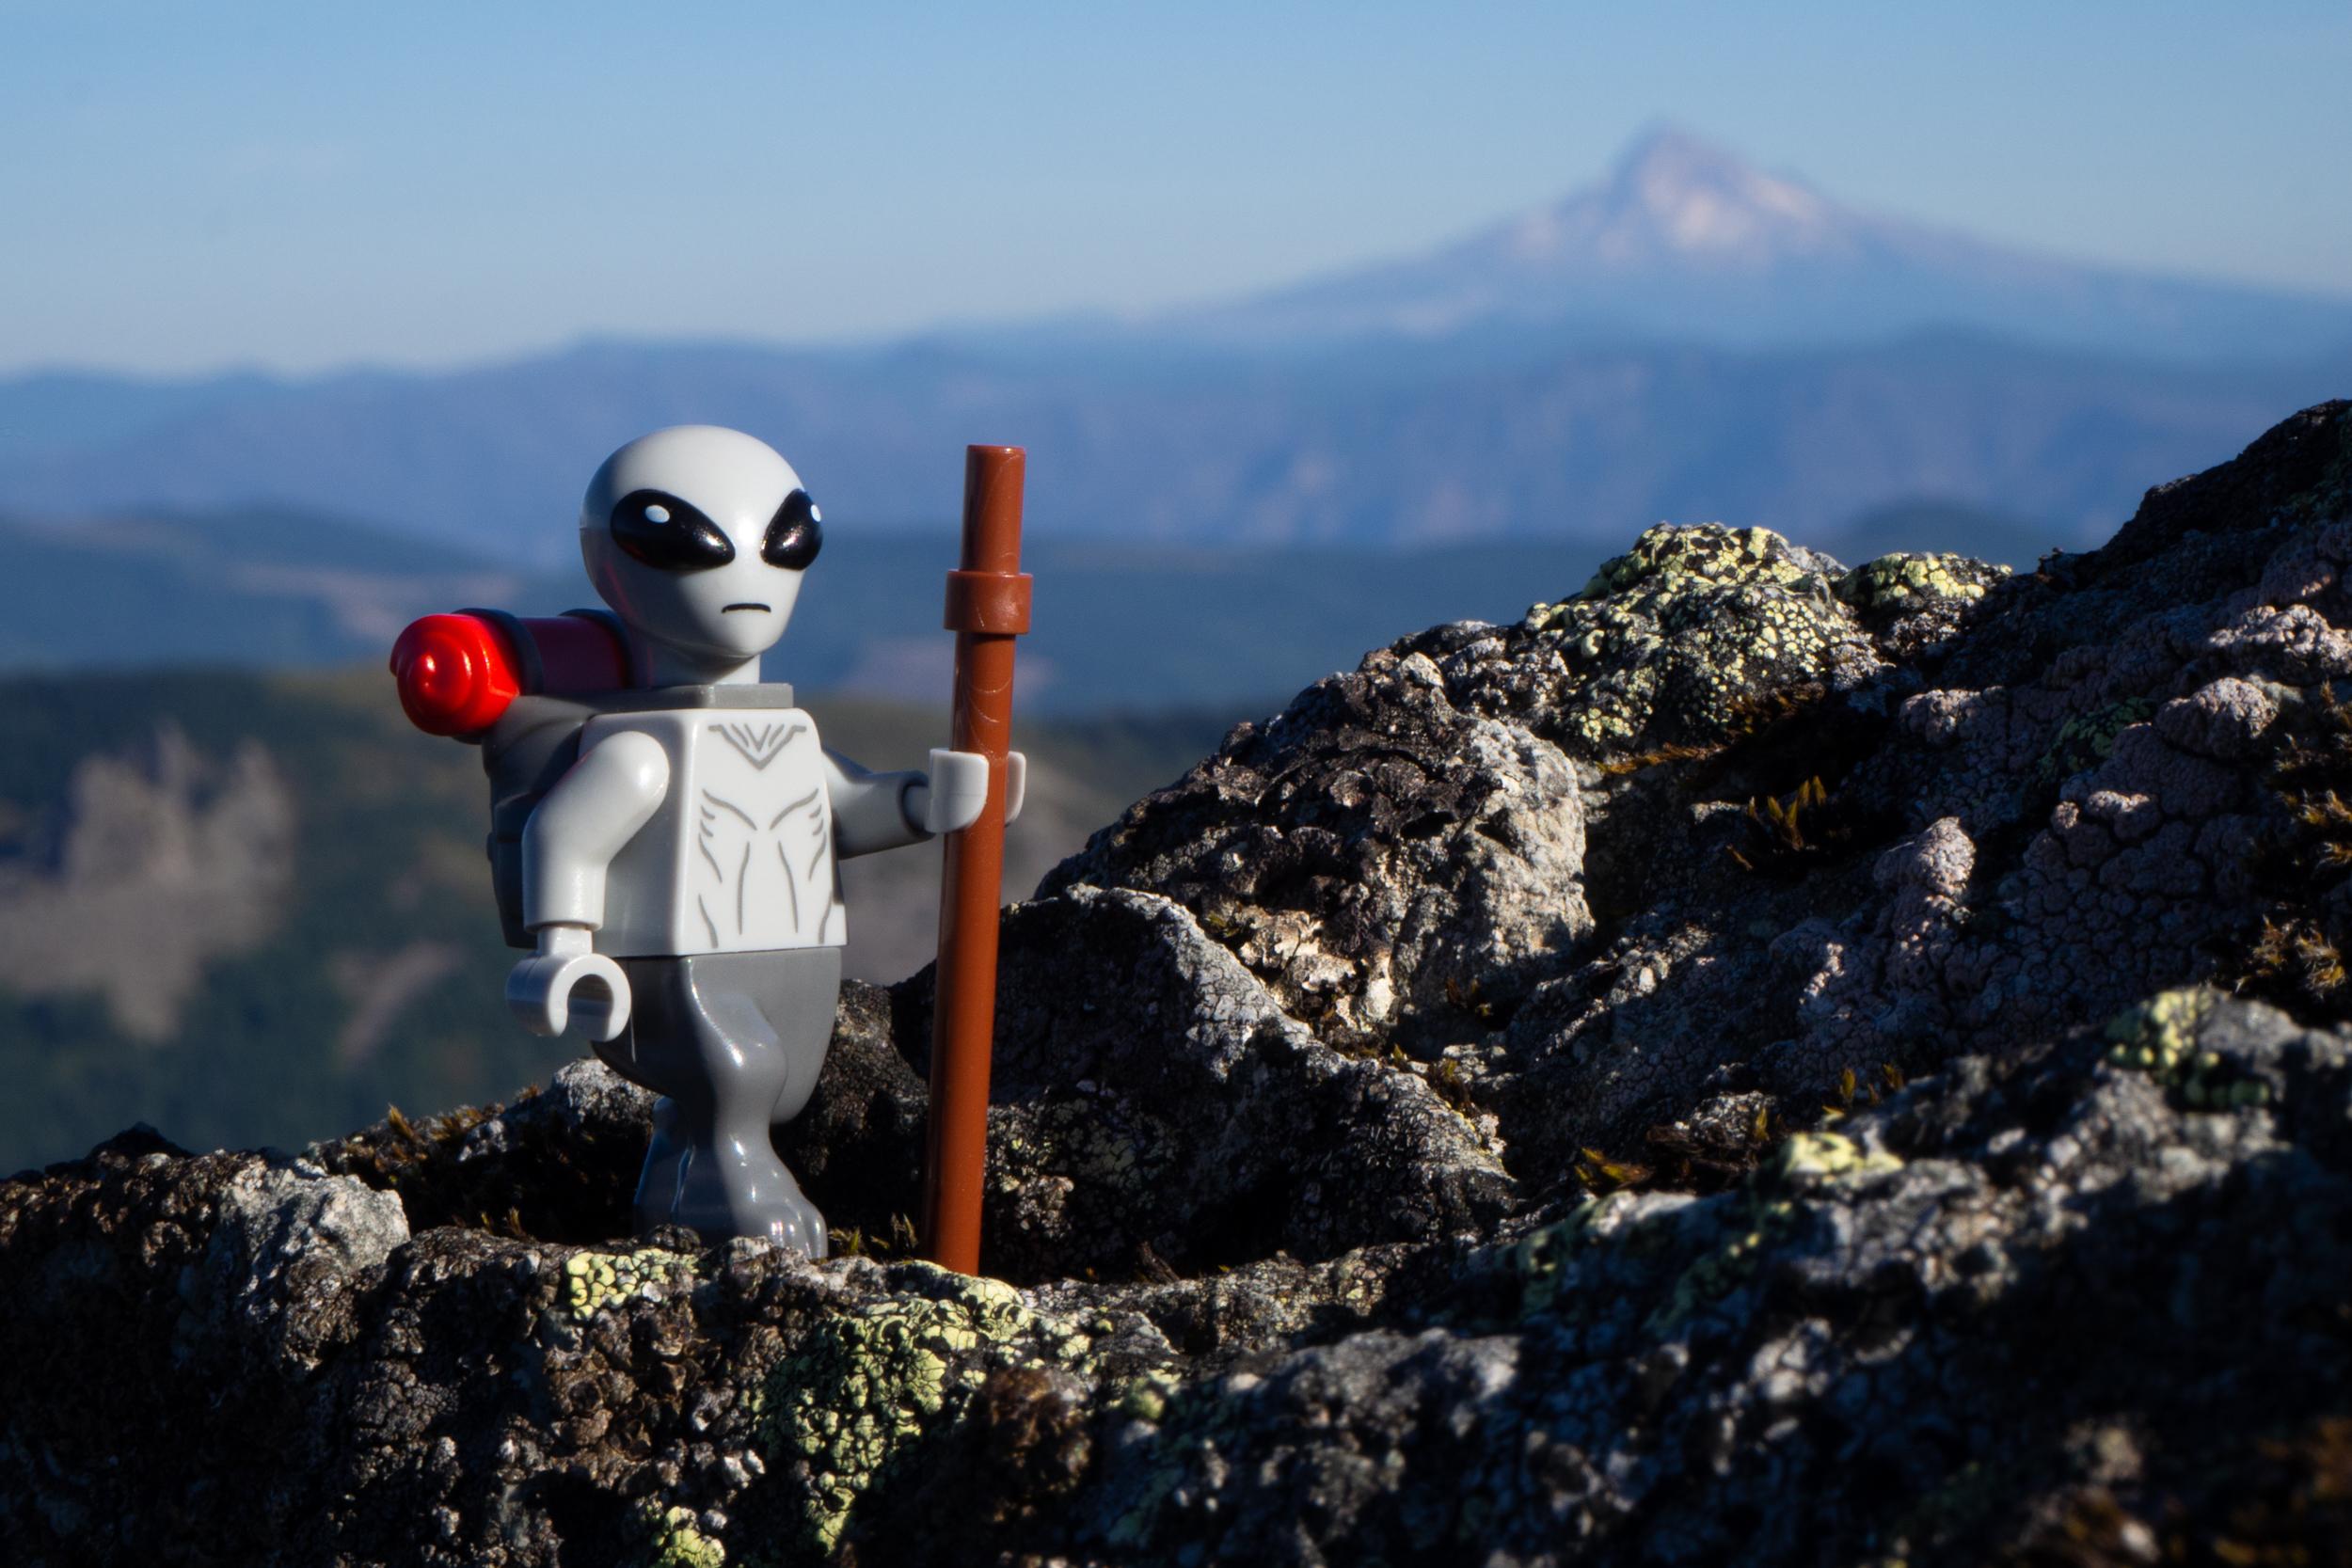 lego_alien_traversing_silverstar_mountain_leila_chieko.jpg